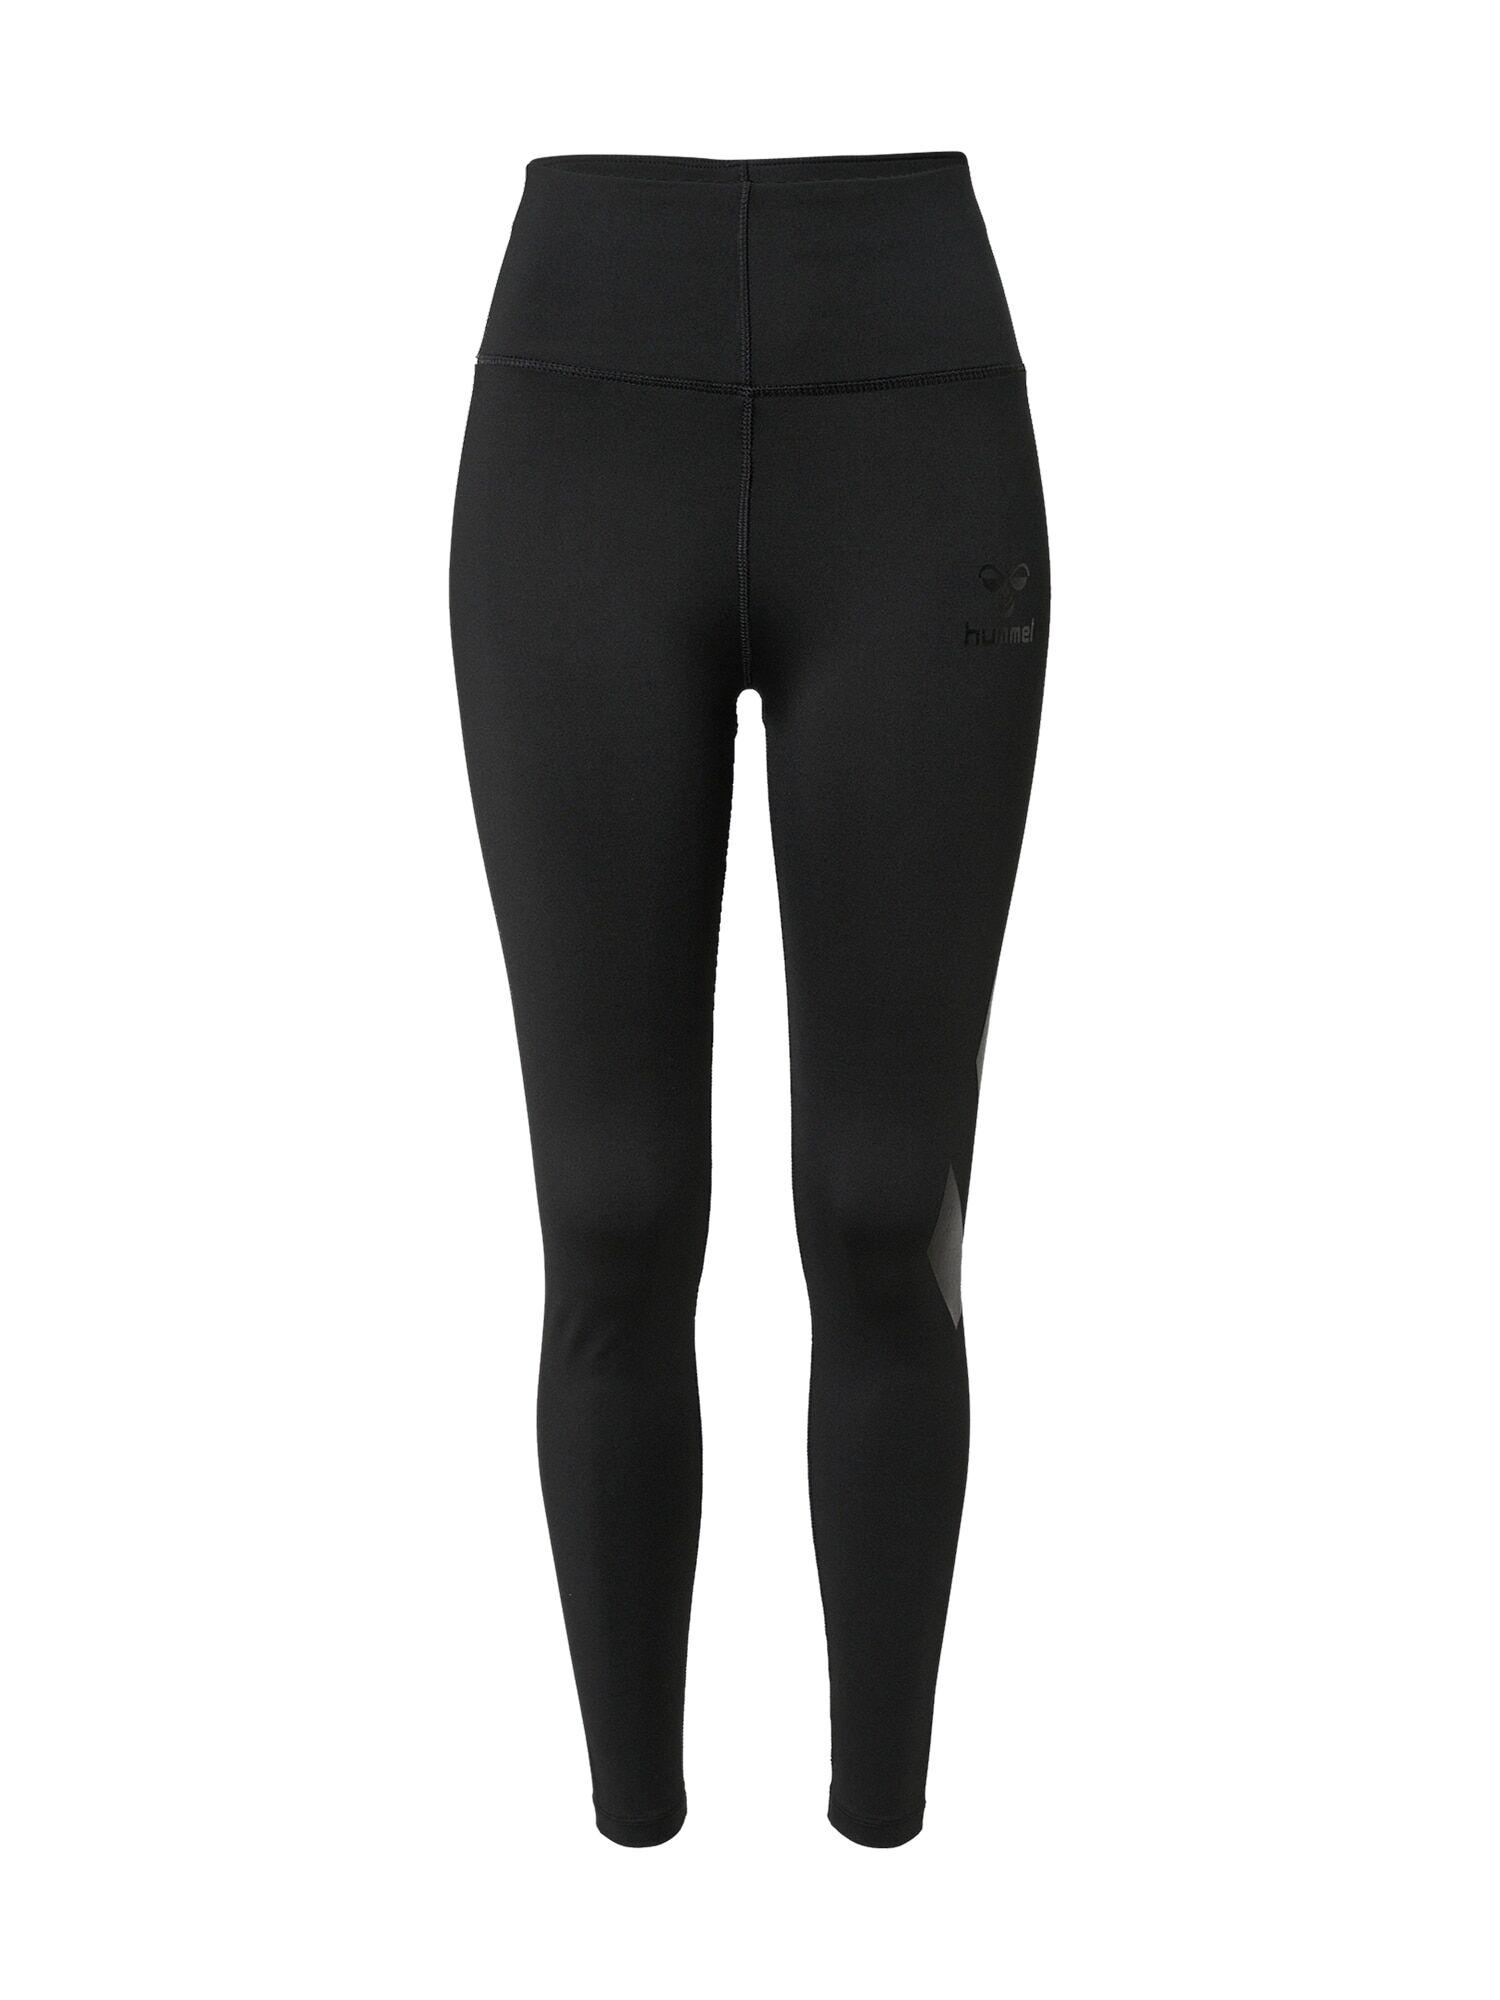 Hummel Pantalon de sport 'Paris'  - Noir - Taille: XS - female